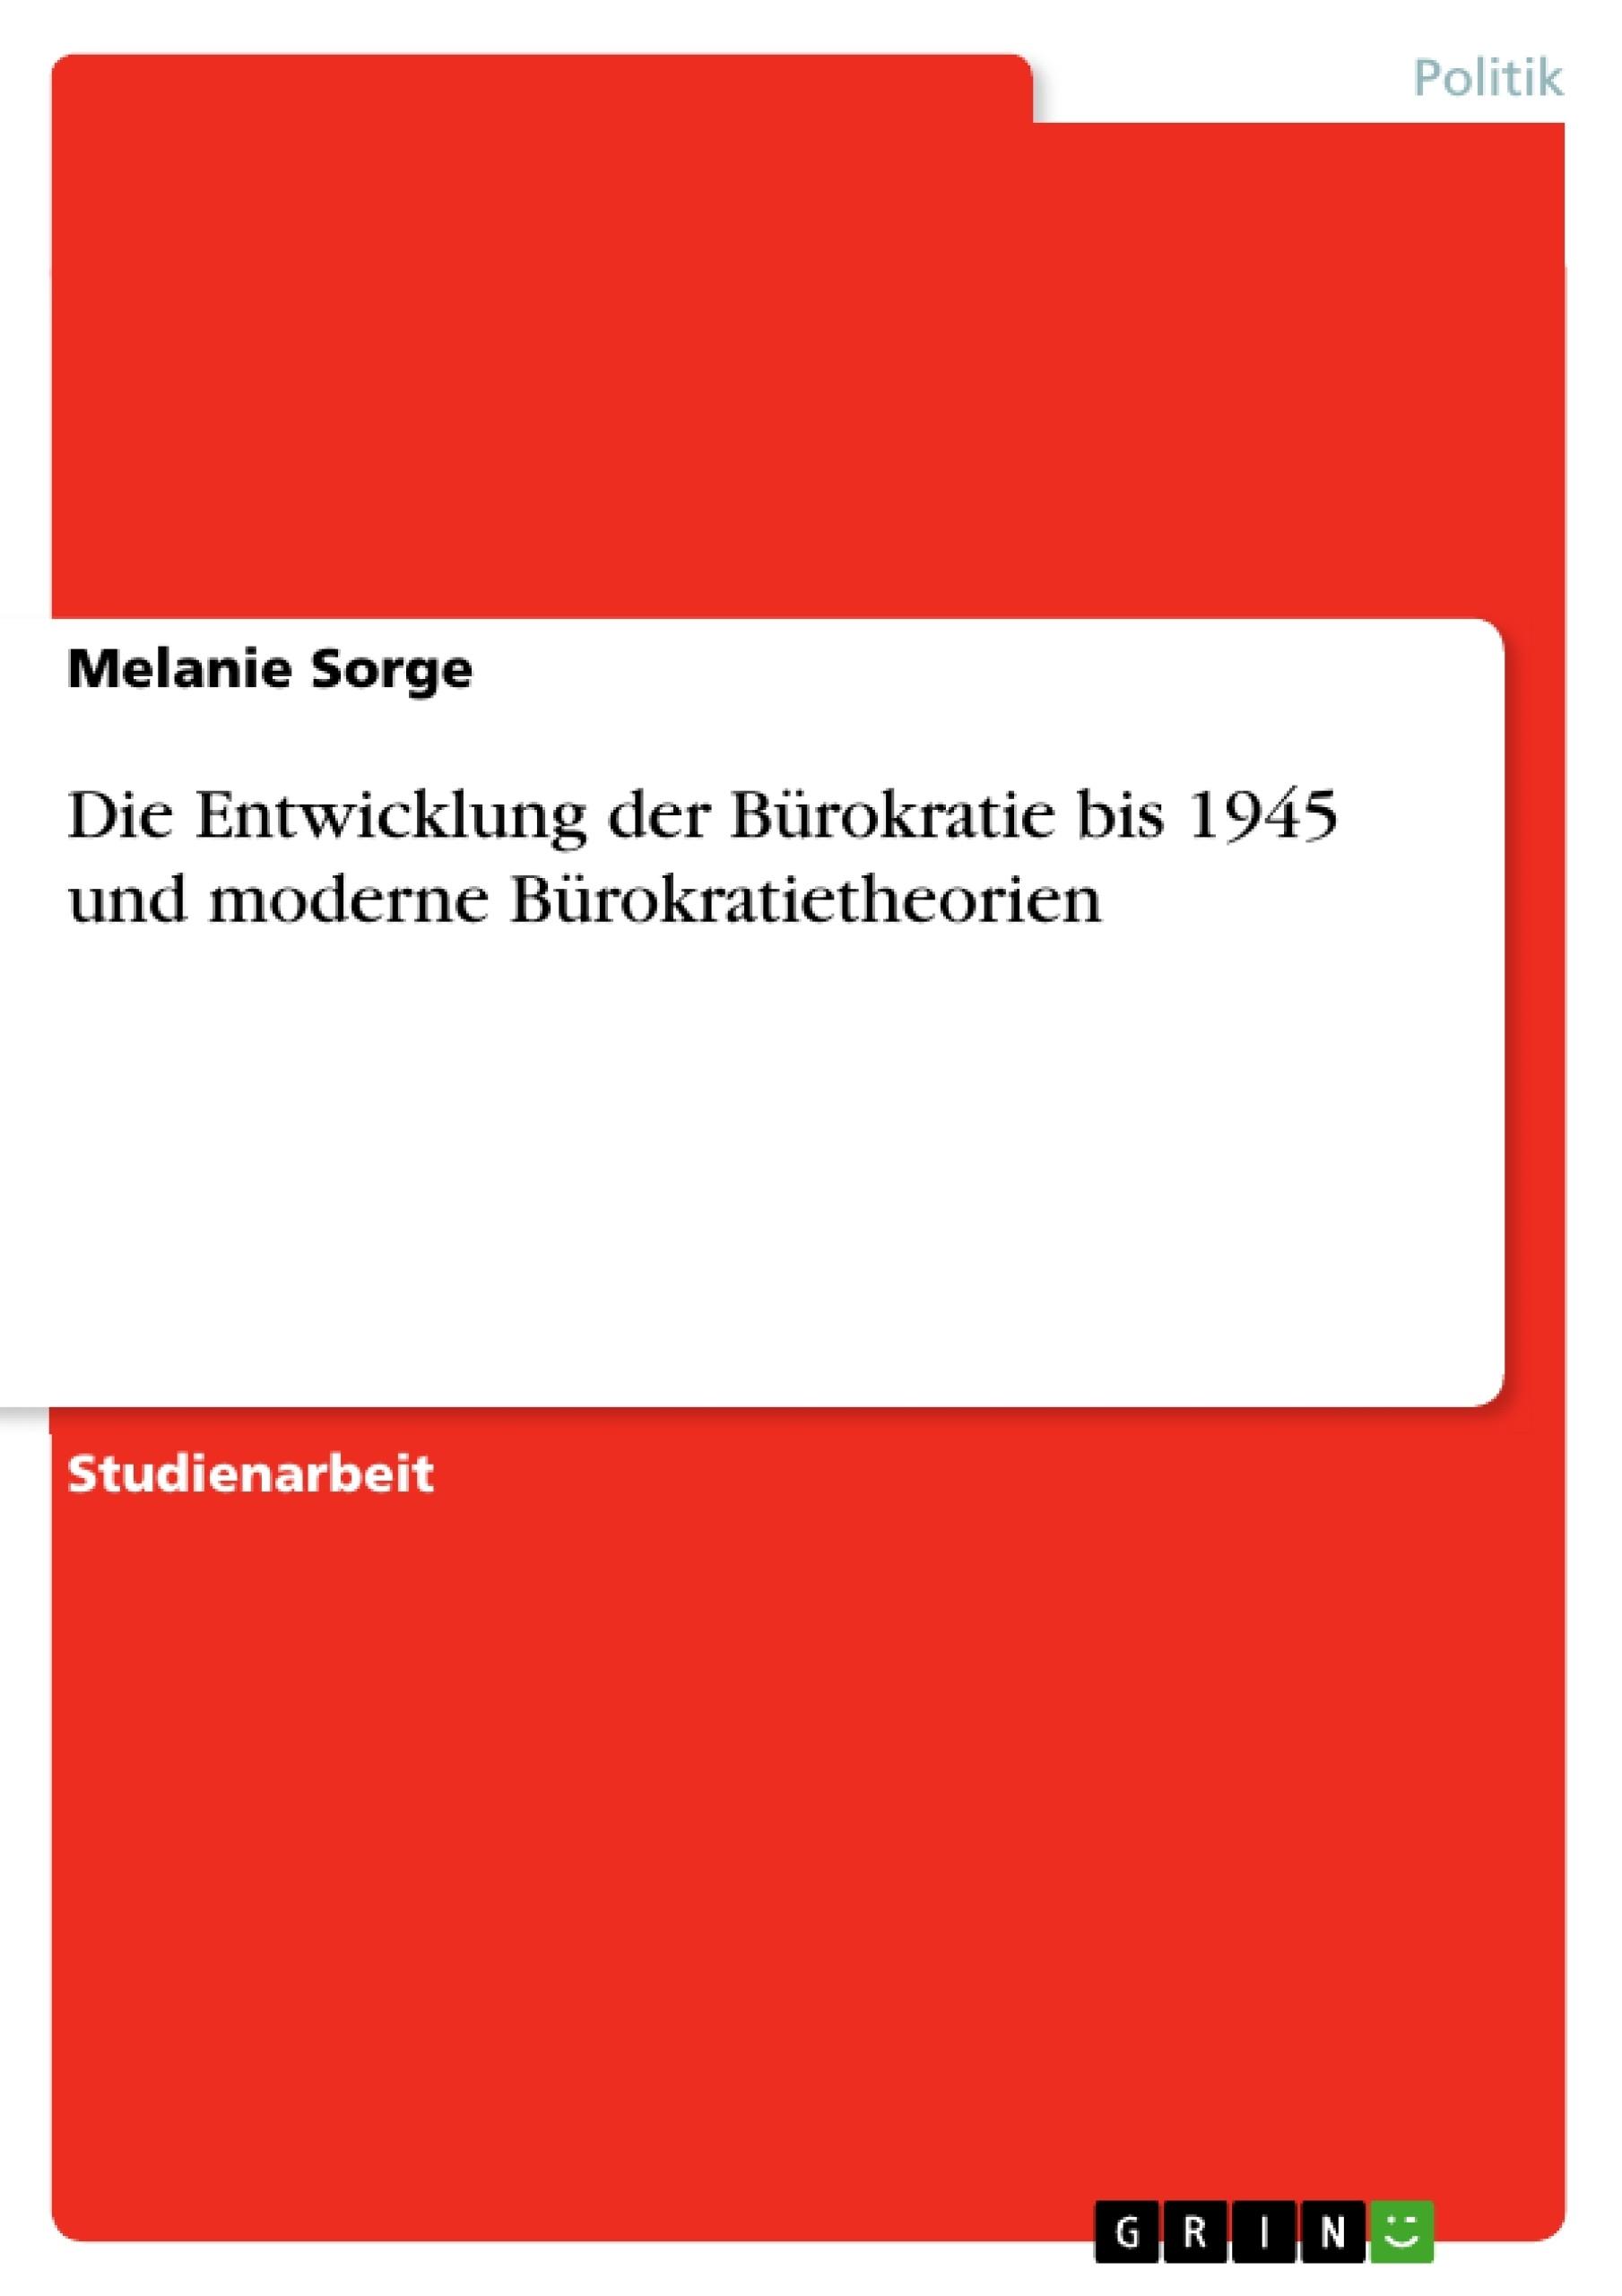 Titel: Die Entwicklung der Bürokratie bis 1945 und moderne Bürokratietheorien